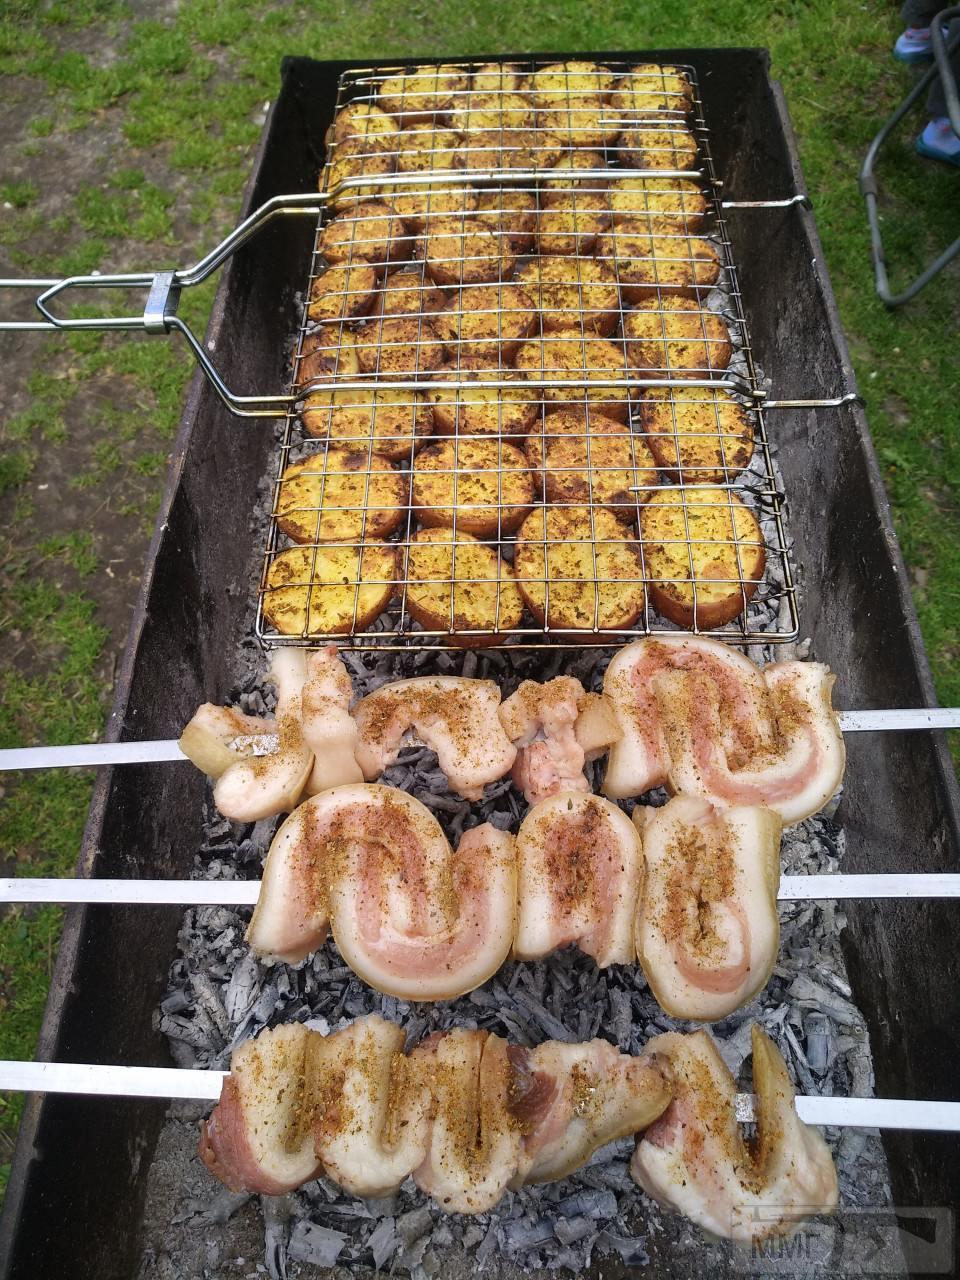 102317 - Закуски на огне (мангал, барбекю и т.д.) и кулинария вообще. Советы и рецепты.